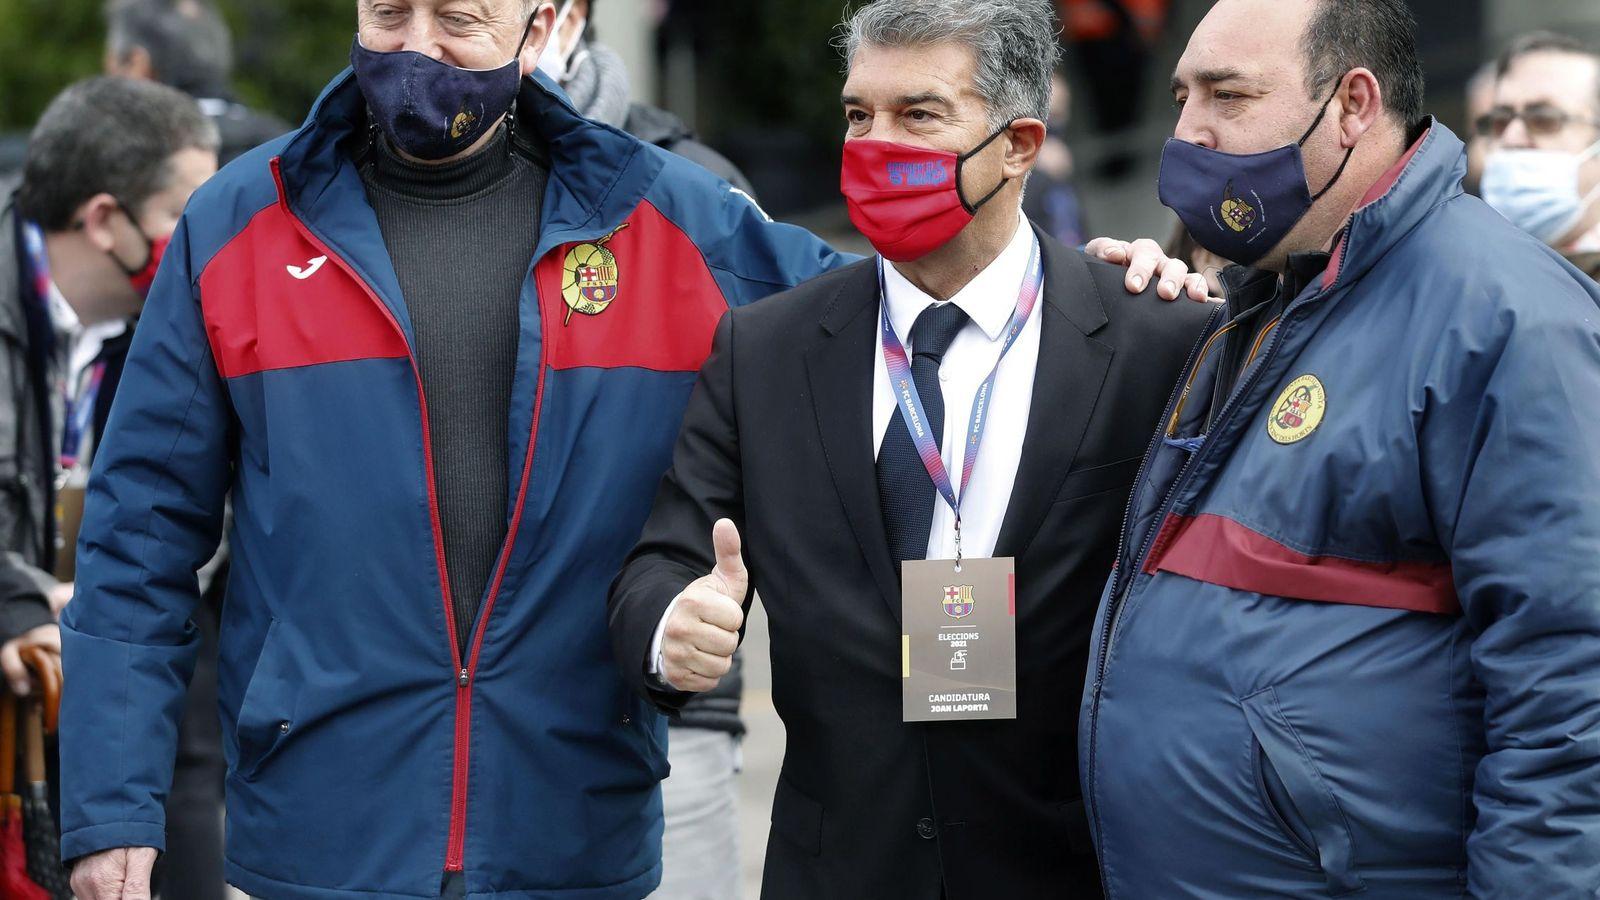 Sondeos: Laporta arrasa en las elecciones del Barça con más de la mitad del voto